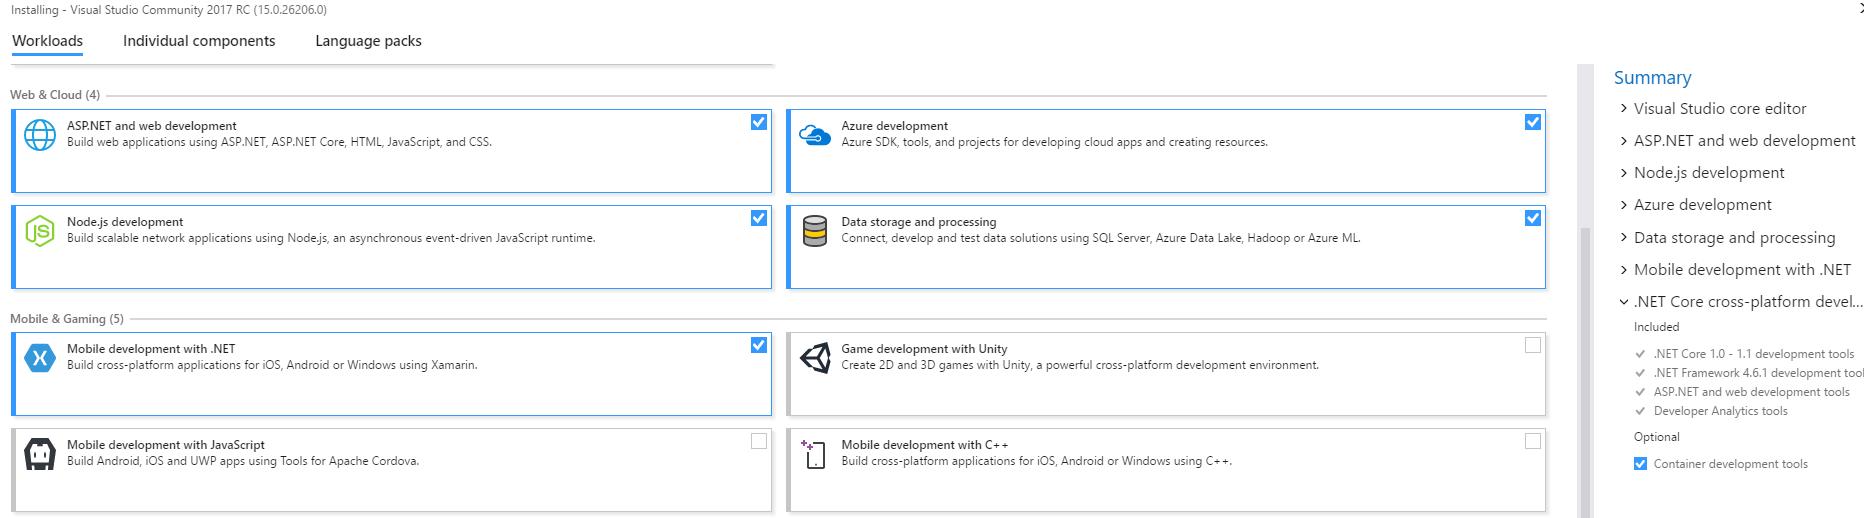 Visual Studio 2017 Install - Workloads